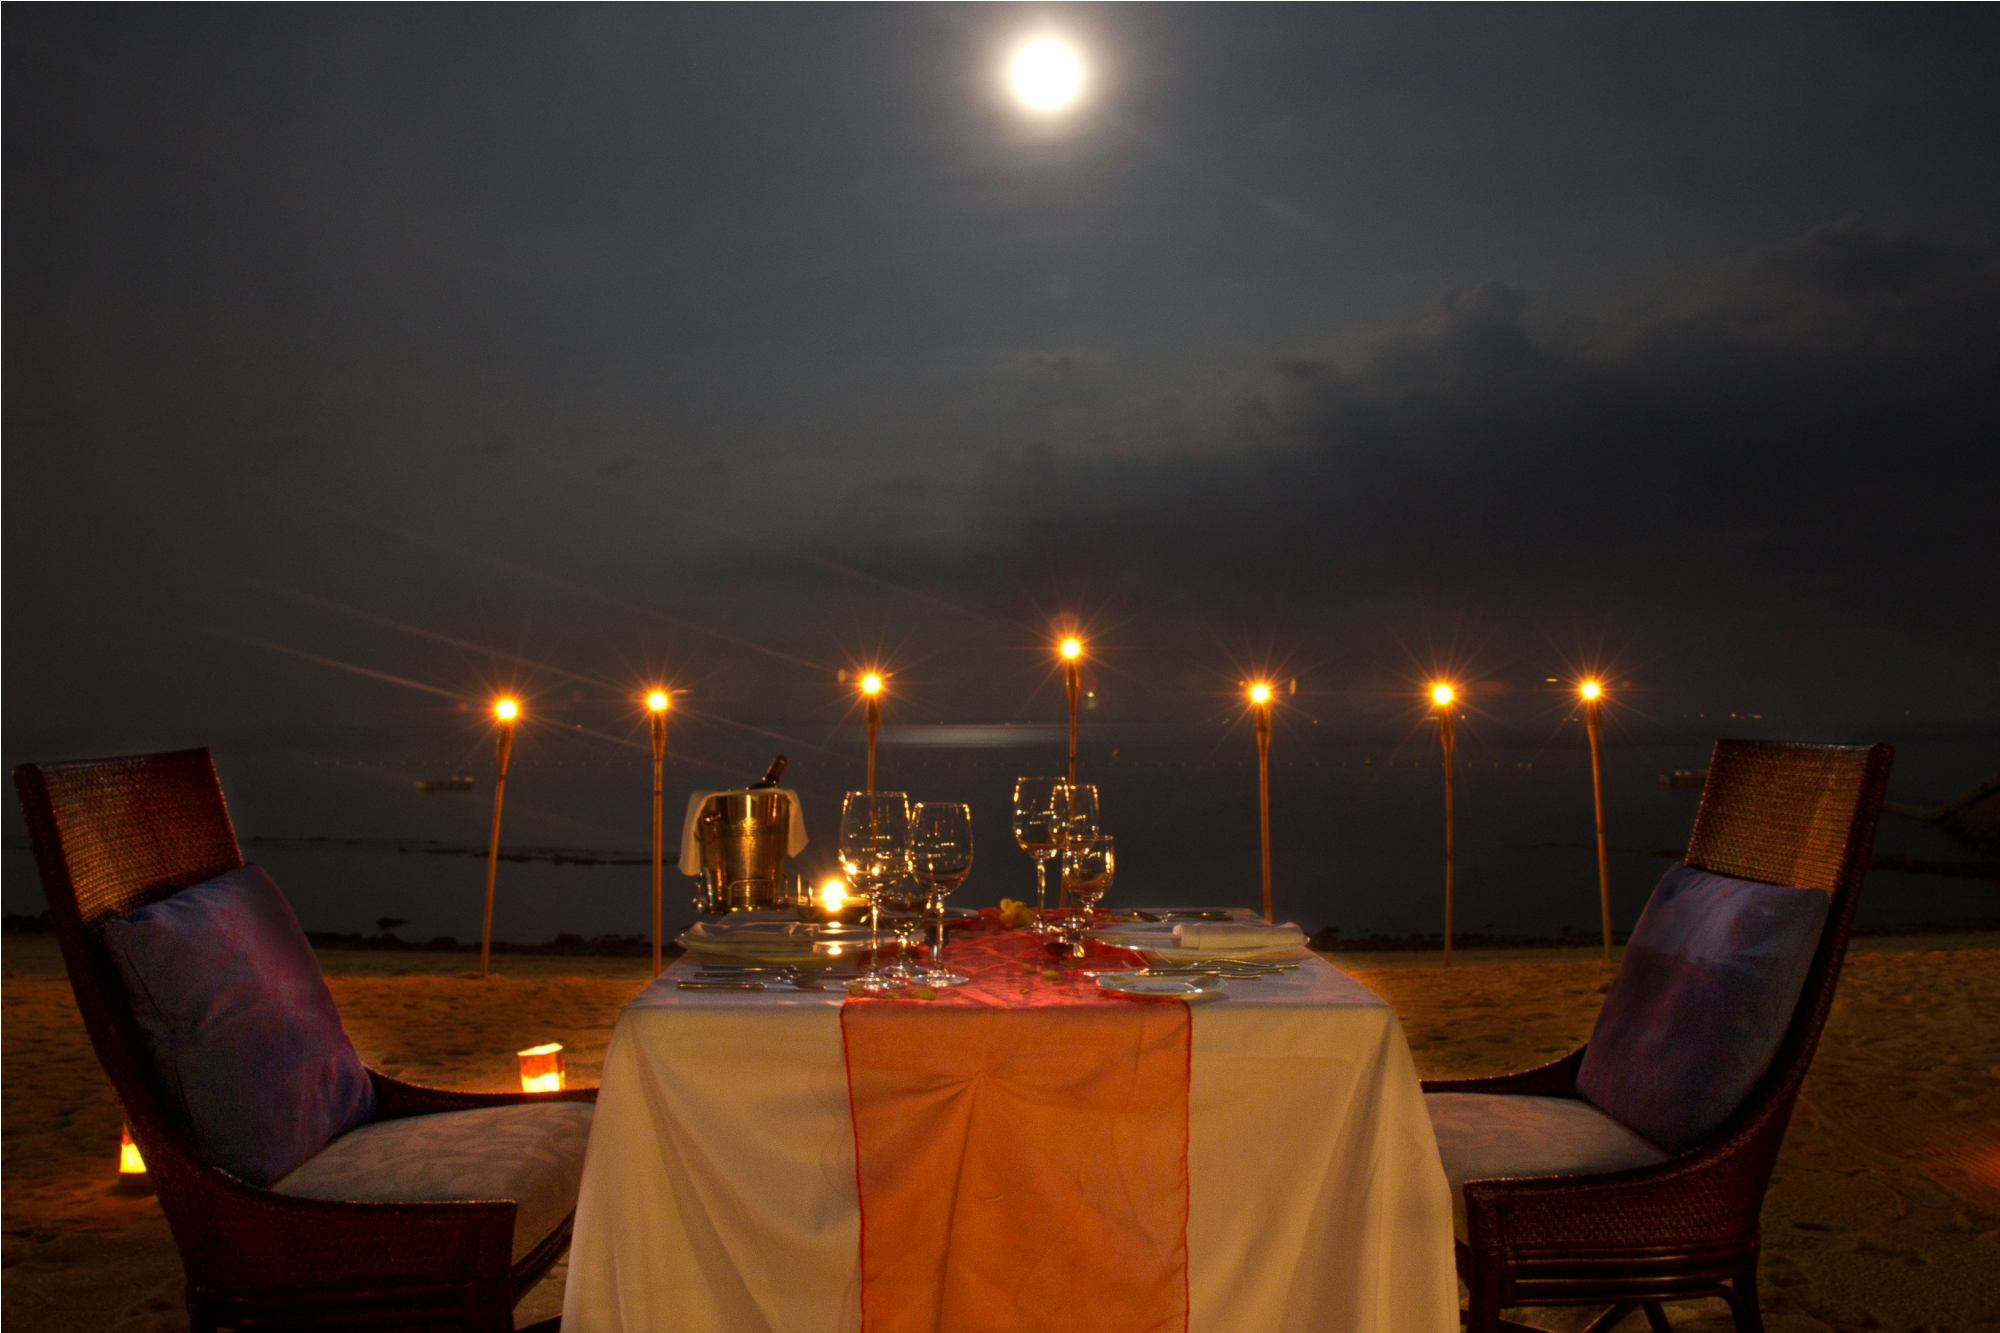 Idee per san valentino appunti di matrimonio - Idee cena romantica a casa ...